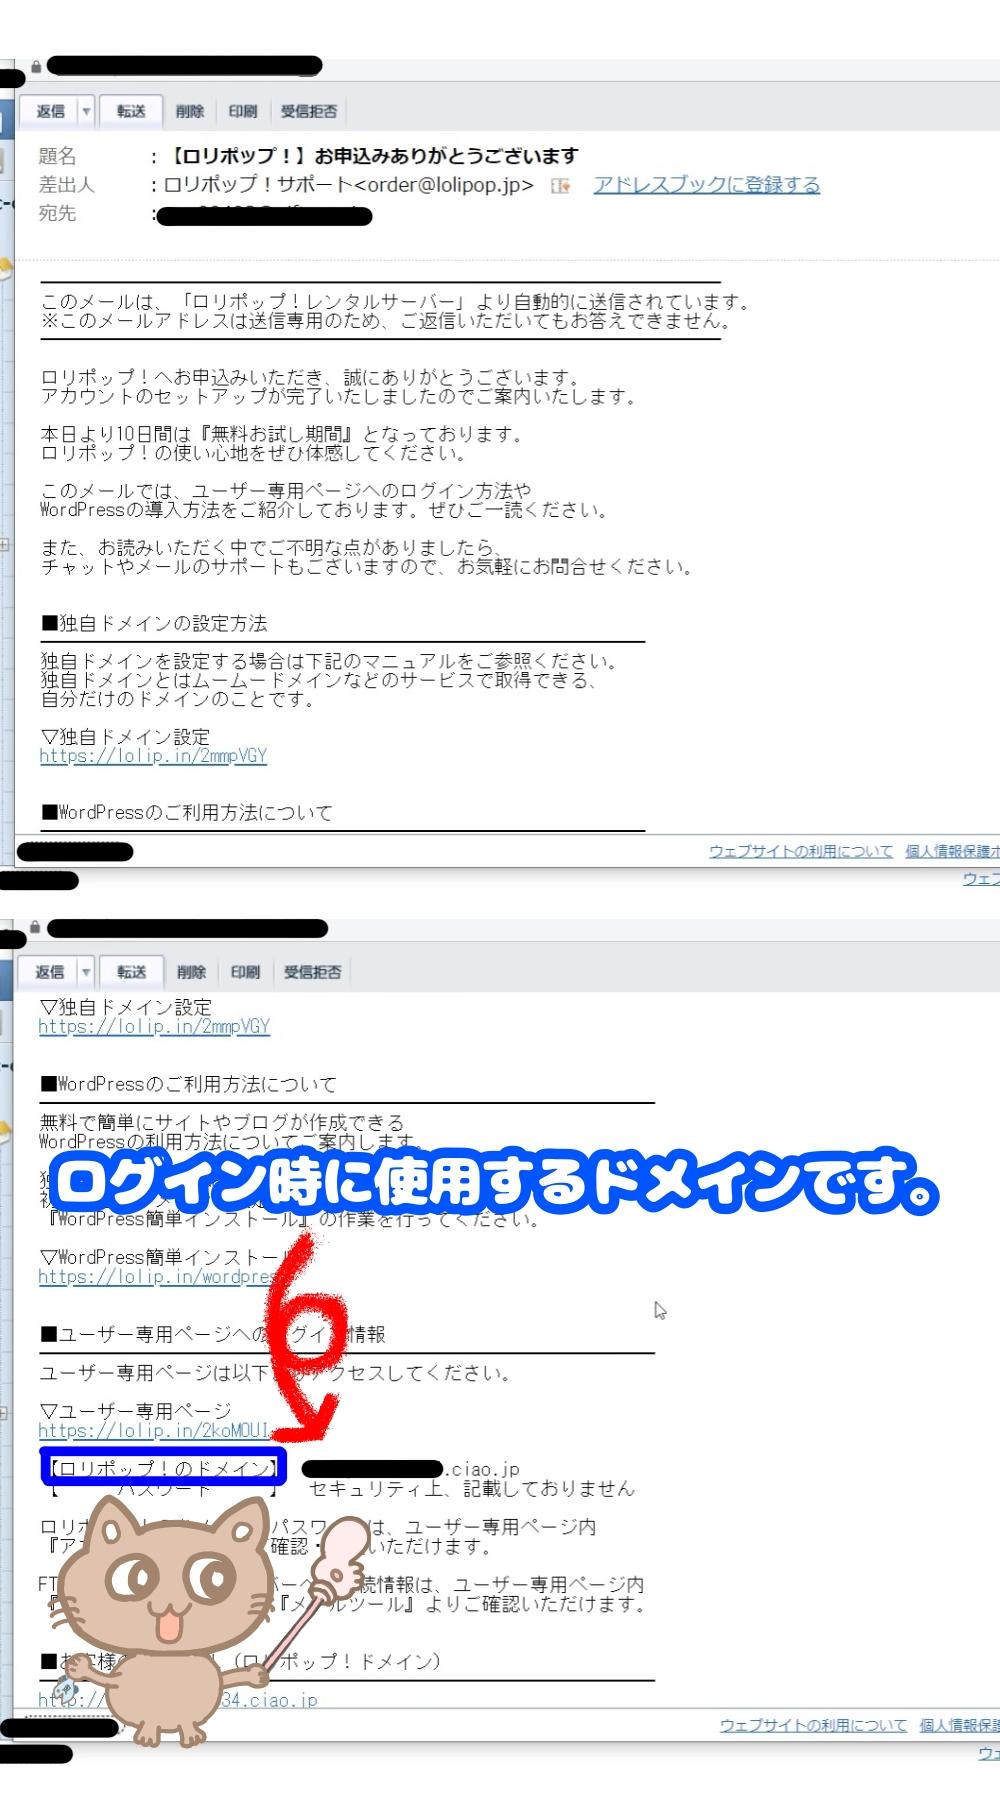 ロリポップサーバー契約_09